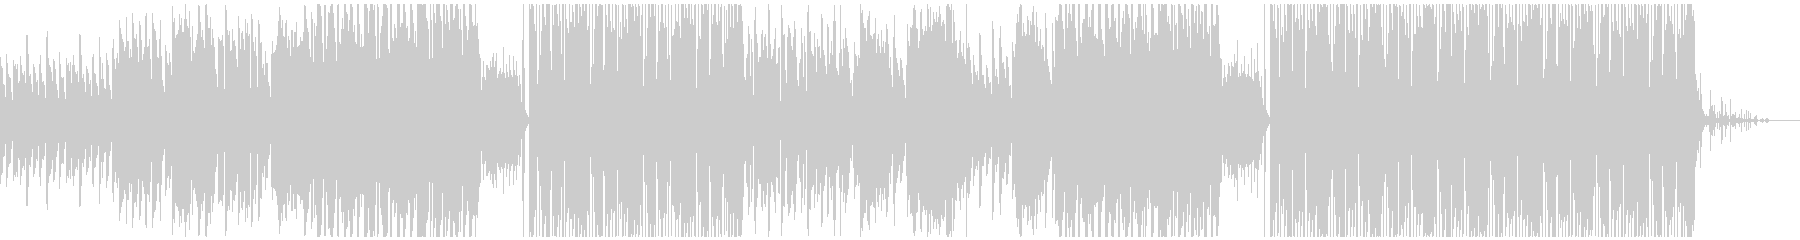 メランコリーな歌とオリエンタルなEDMの未再生の波形